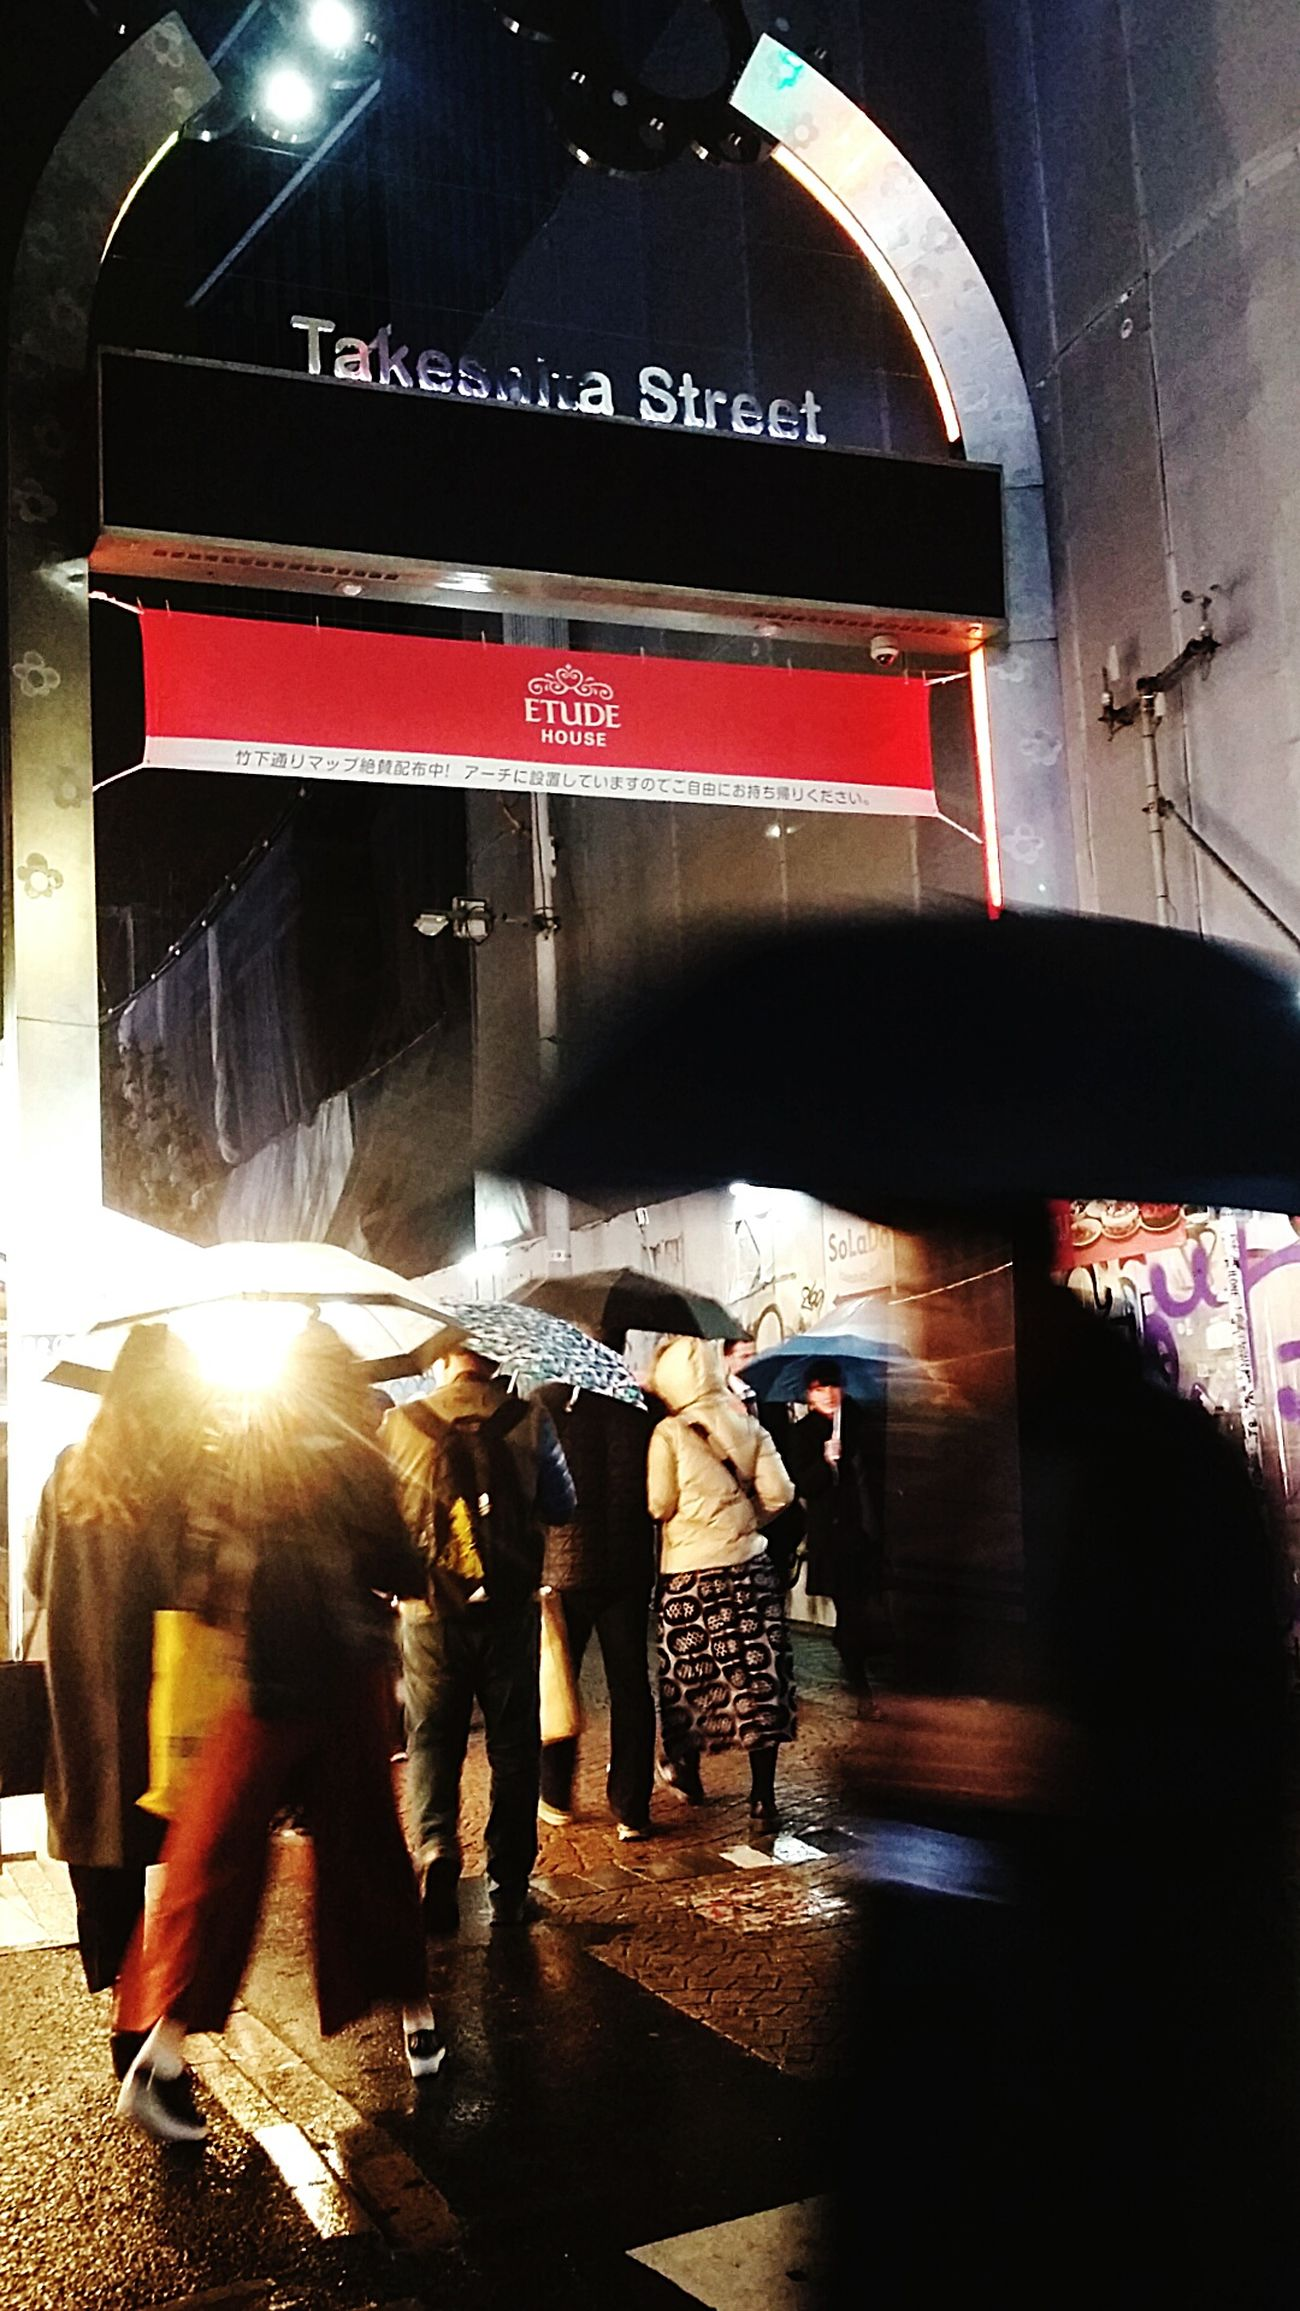 Rainy Unbrella Japanstreetphotography Tokyostreetphotography Streetphotography Harajuku Winter 2016 Tokyo Japan TokyoDec2016 JapanDec2016